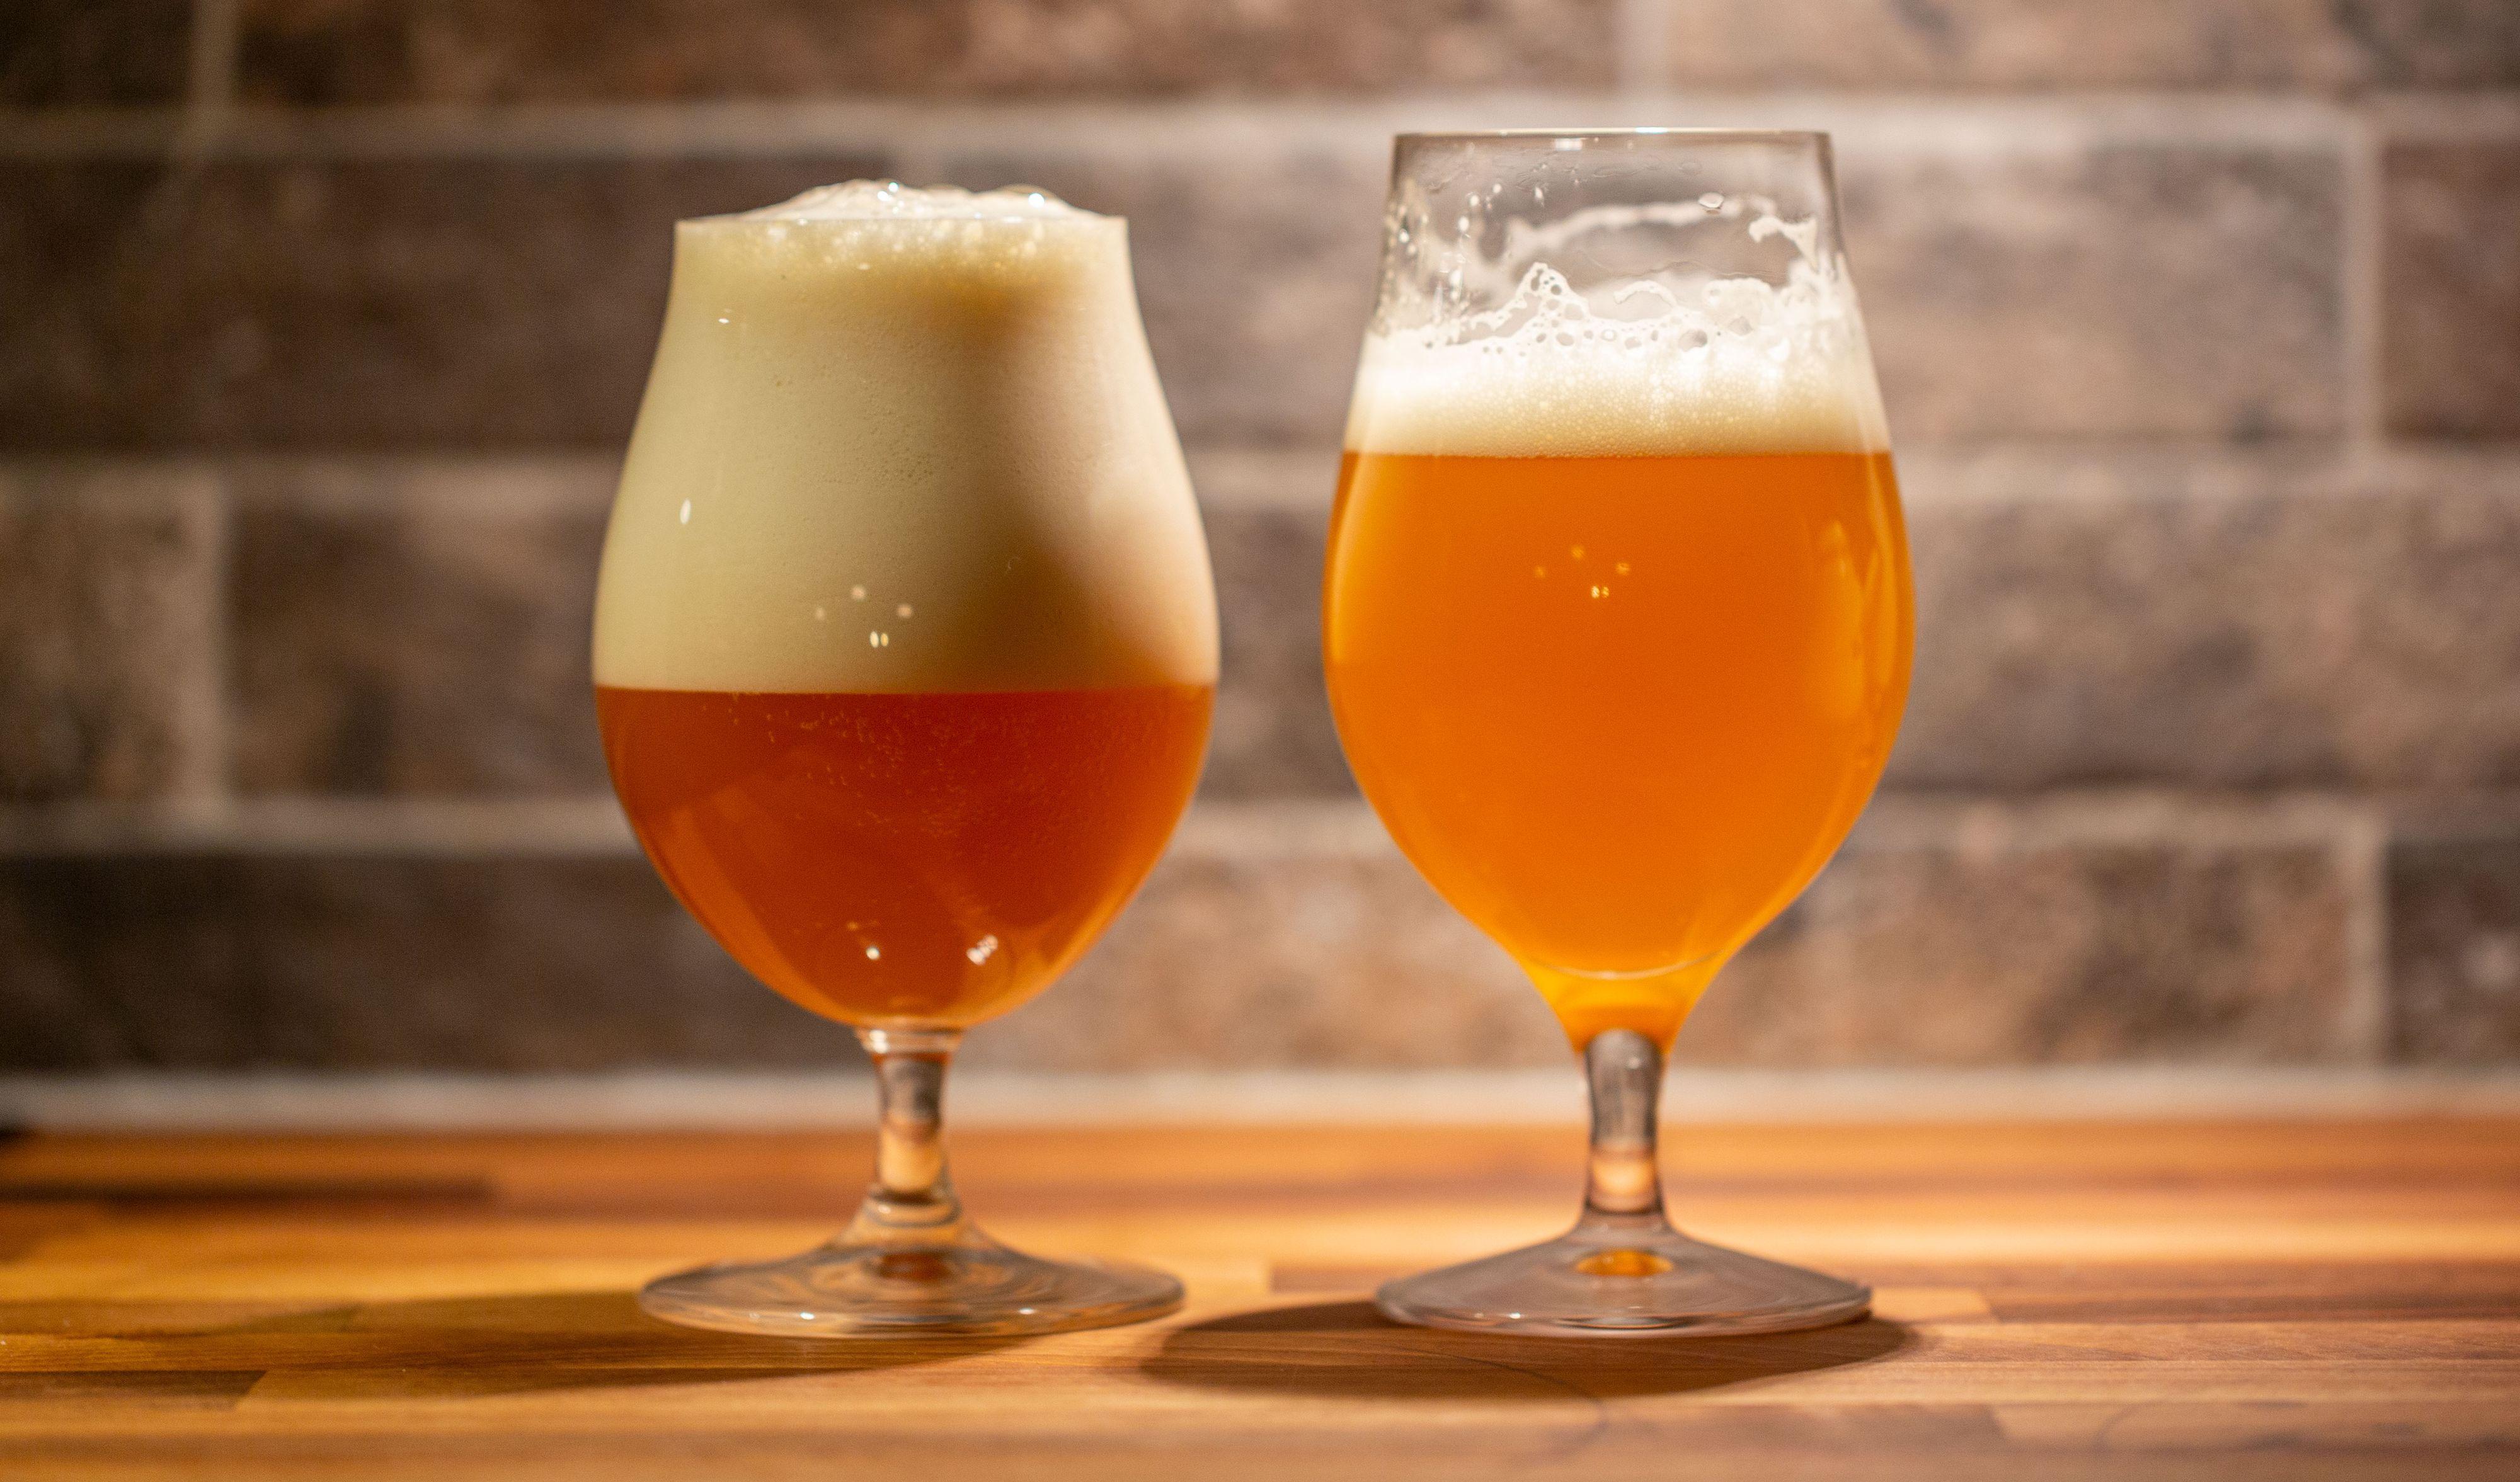 Samme øl, Amazing Haze, hvor den til venstre ble helt via Fizzics DraftPour. Det ser mørkere ut fordi skummet er så tykt at lyset ikke kom igjennom.